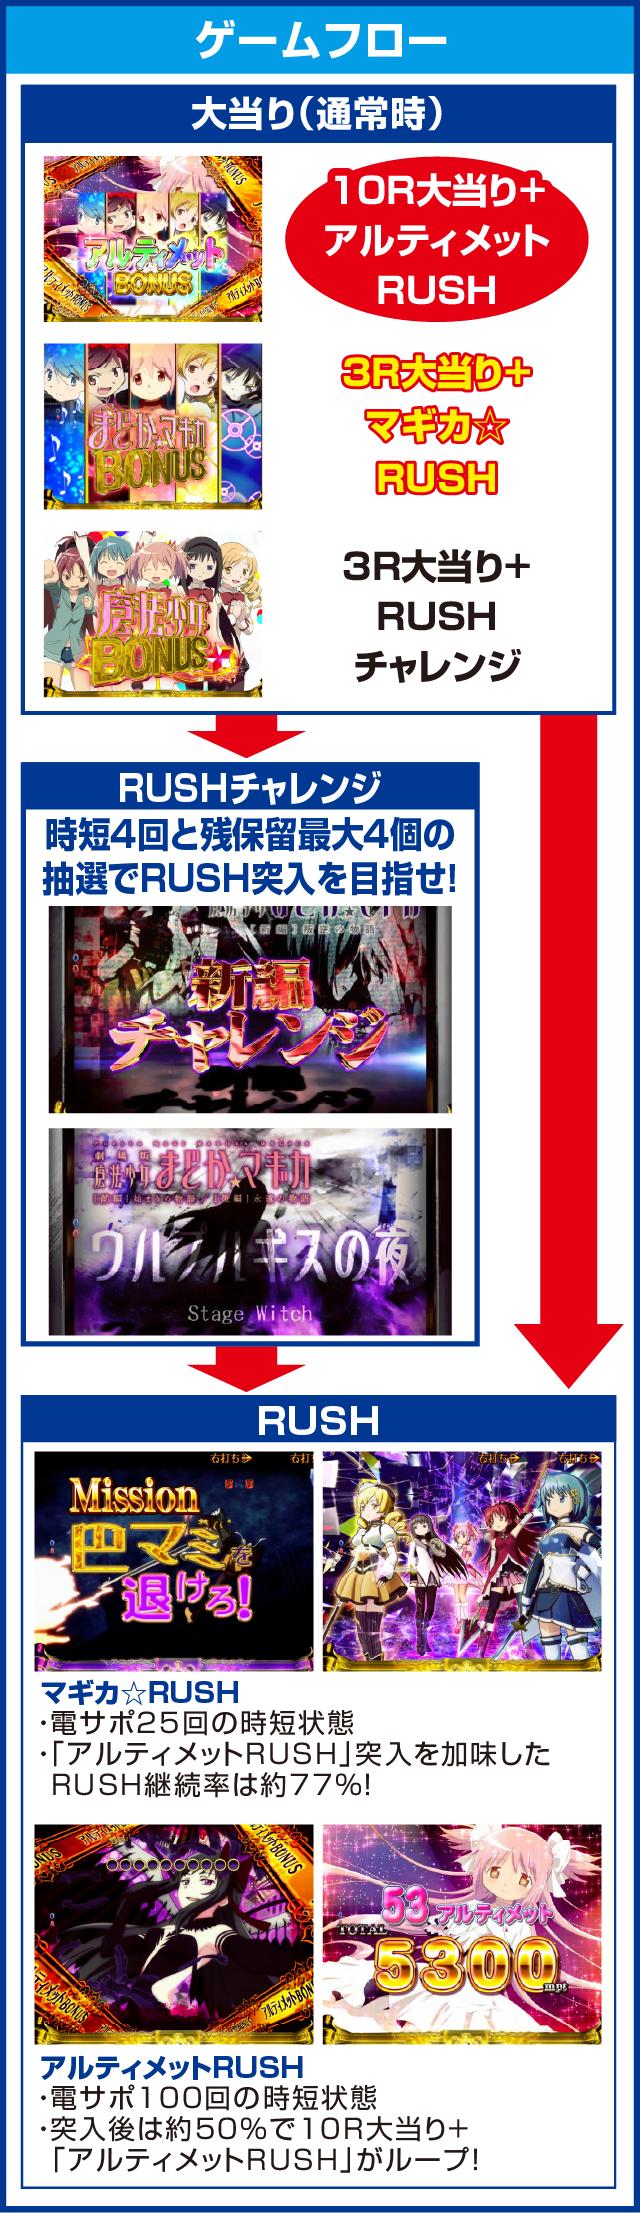 ぱちんこ 劇場版 魔法少女まどか☆マギカ キュゥべえver.のピックアップポイント